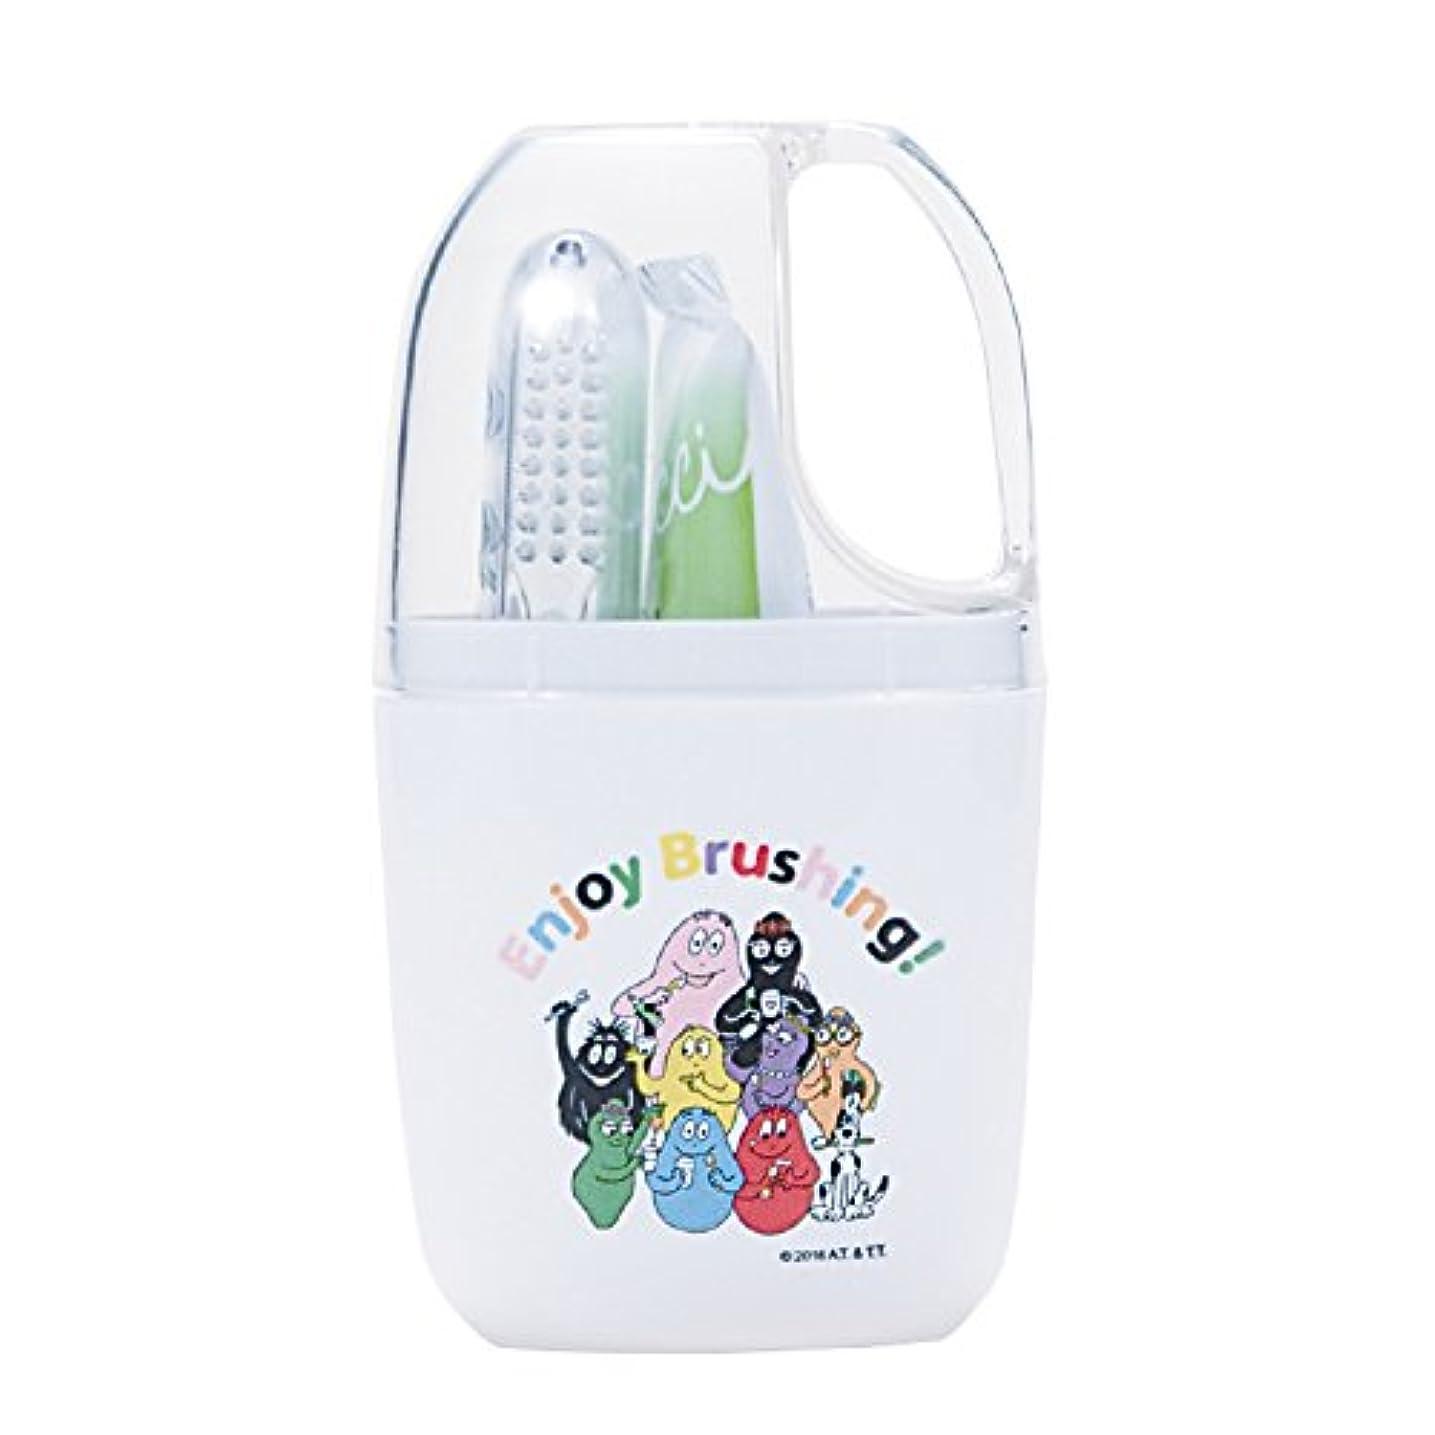 直立比較的落ち着いてCi バーバパパ トラベルセット 歯ブラシ (コップ付きセット)